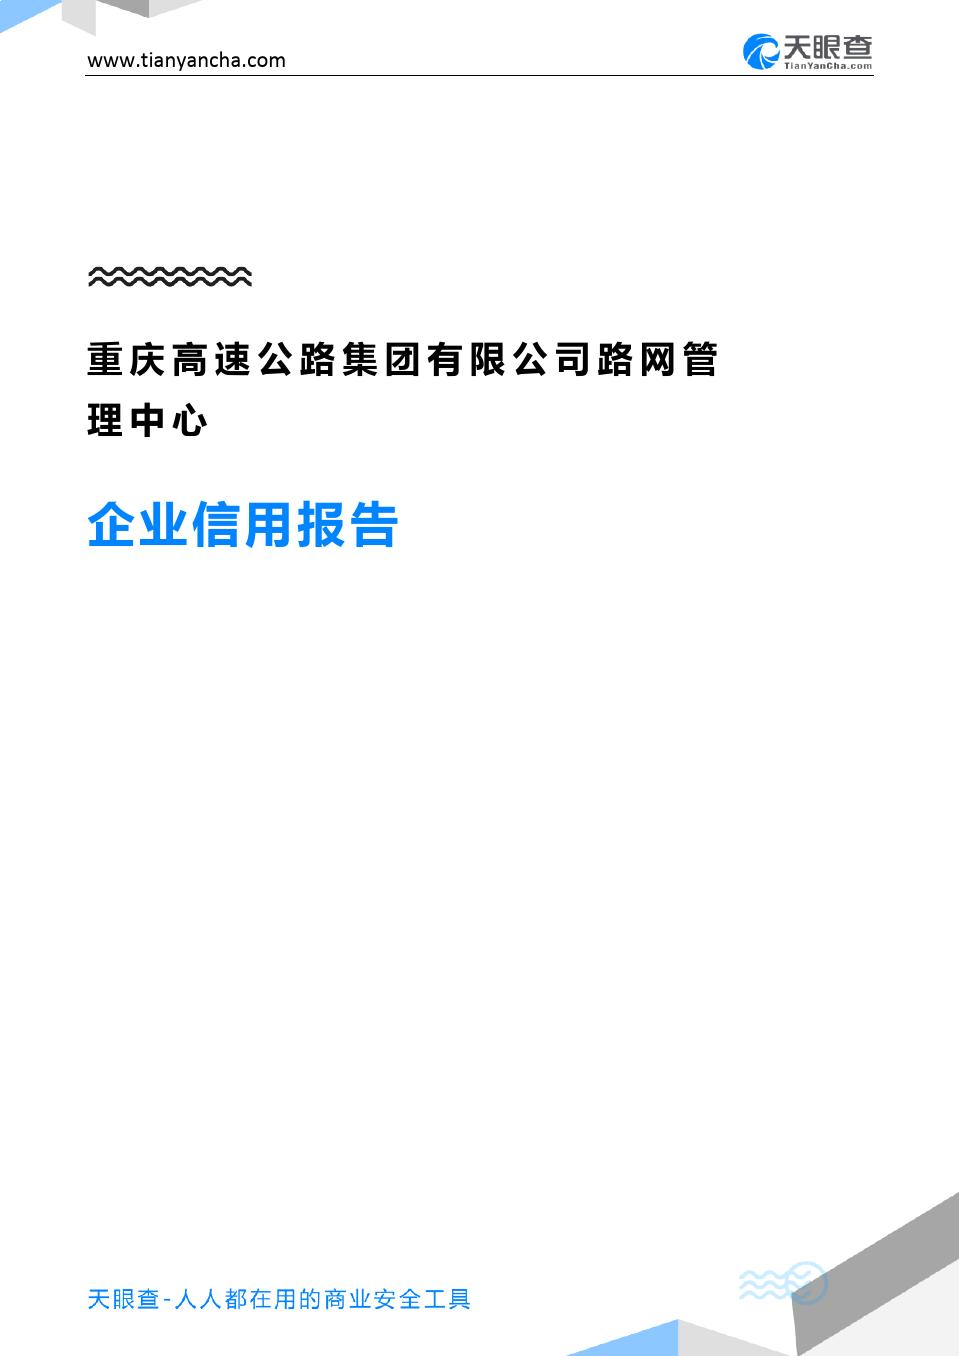 重庆高速公路集团有限公司路网管理中心(企业信用报告)- 天眼查